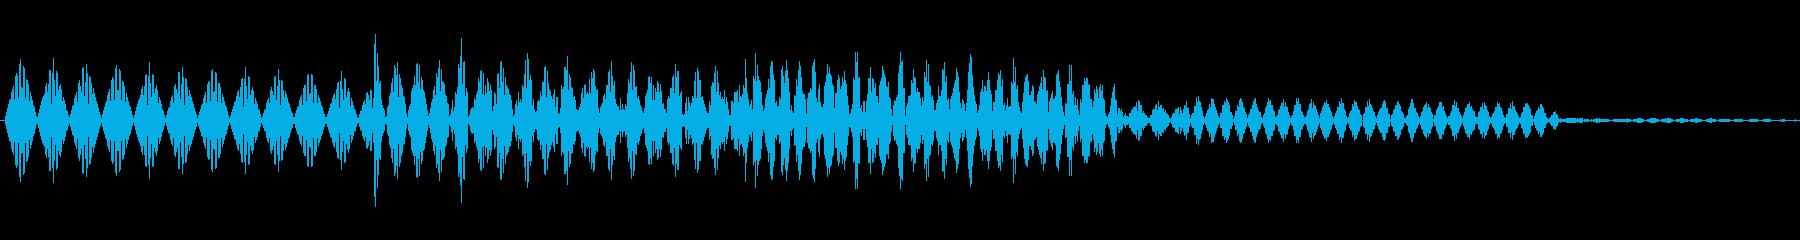 ボタン決定音システム選択タッチ登録C04の再生済みの波形